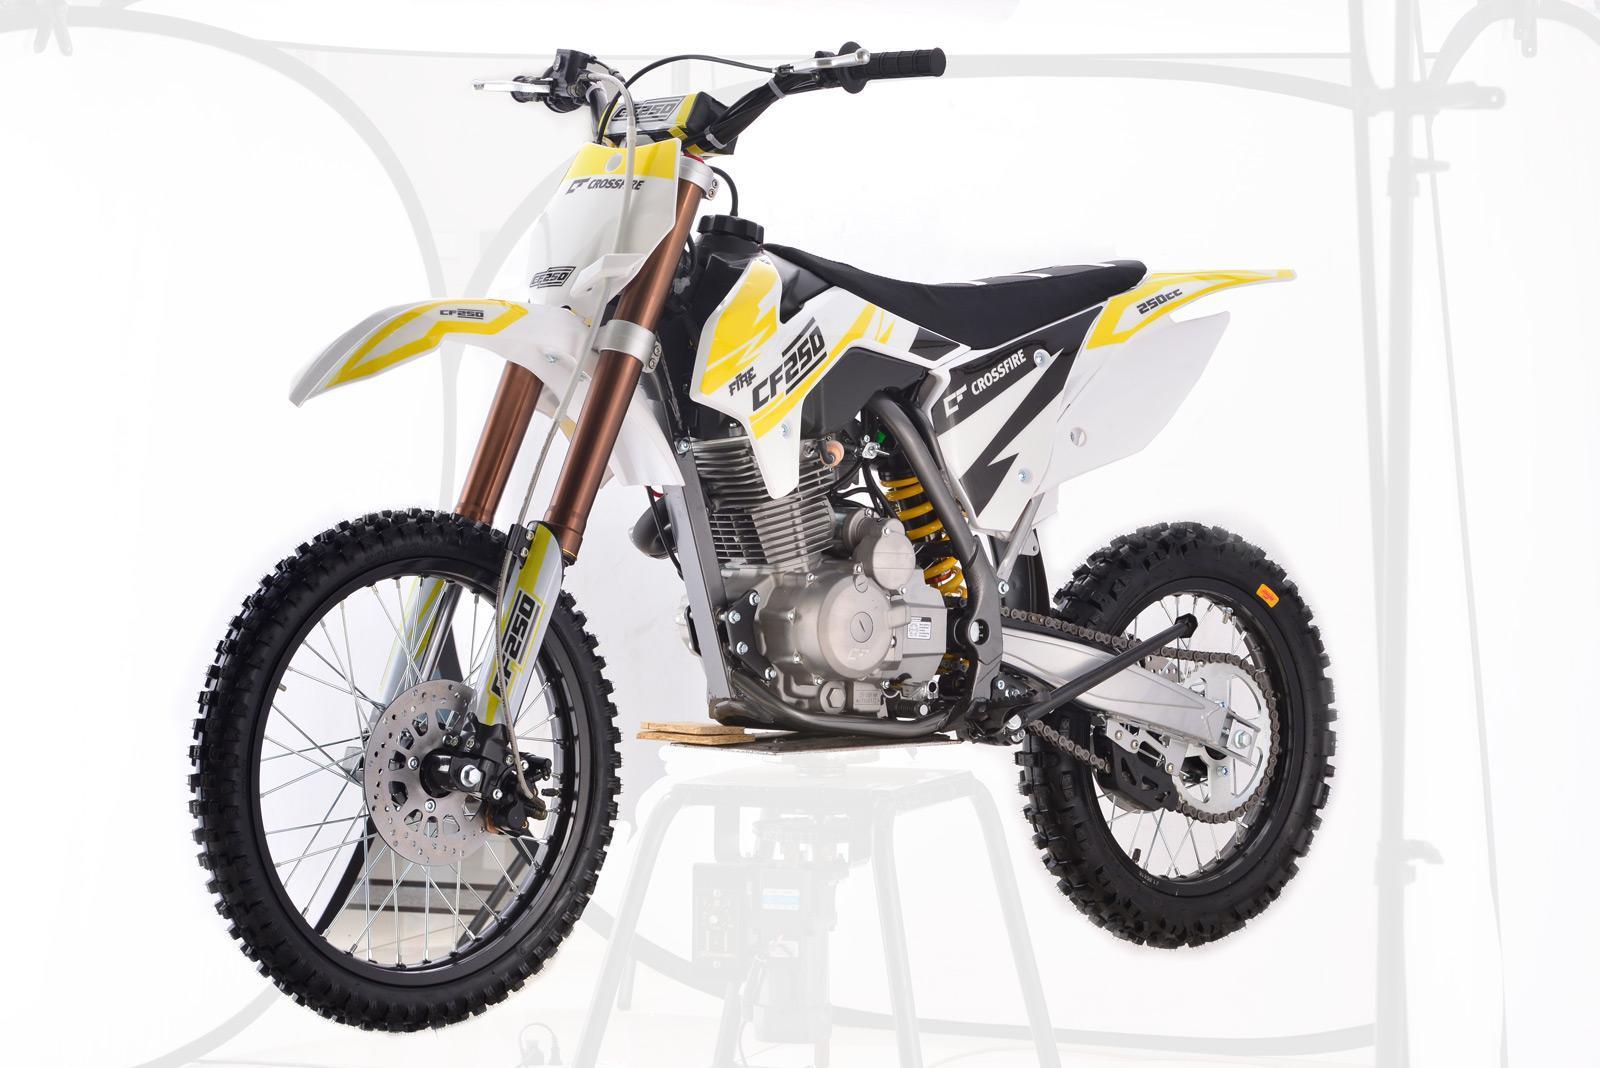 Crossfire CF250 2018-2019 White - dirt bikes store dalby